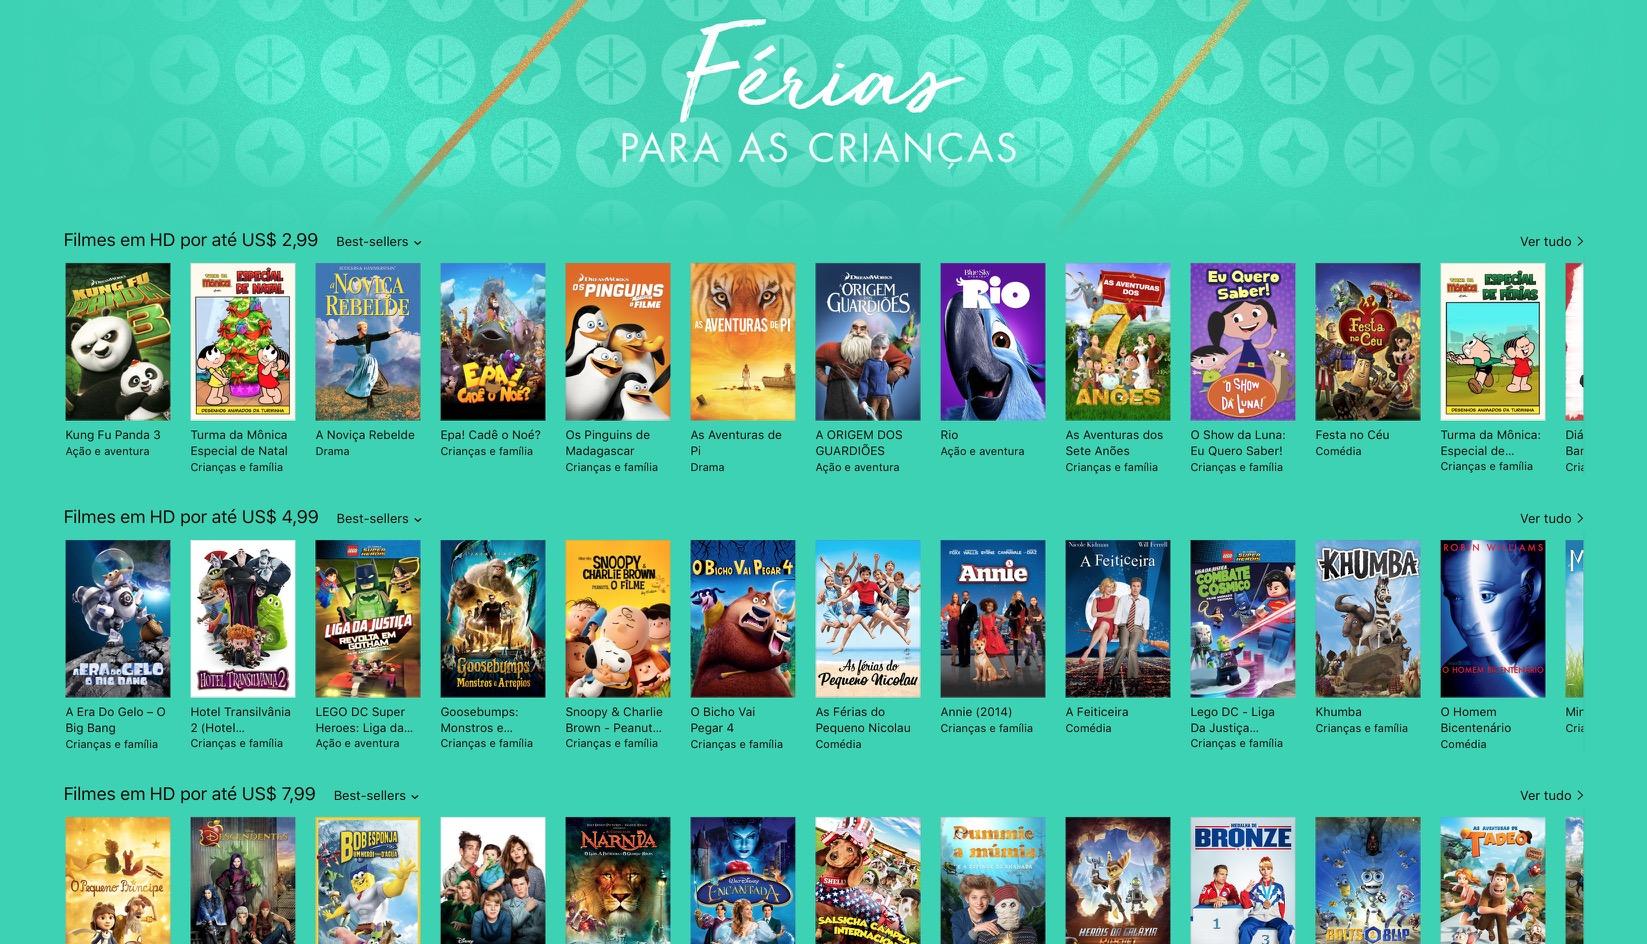 Férias para as crianças - iTunes [Movie] Store